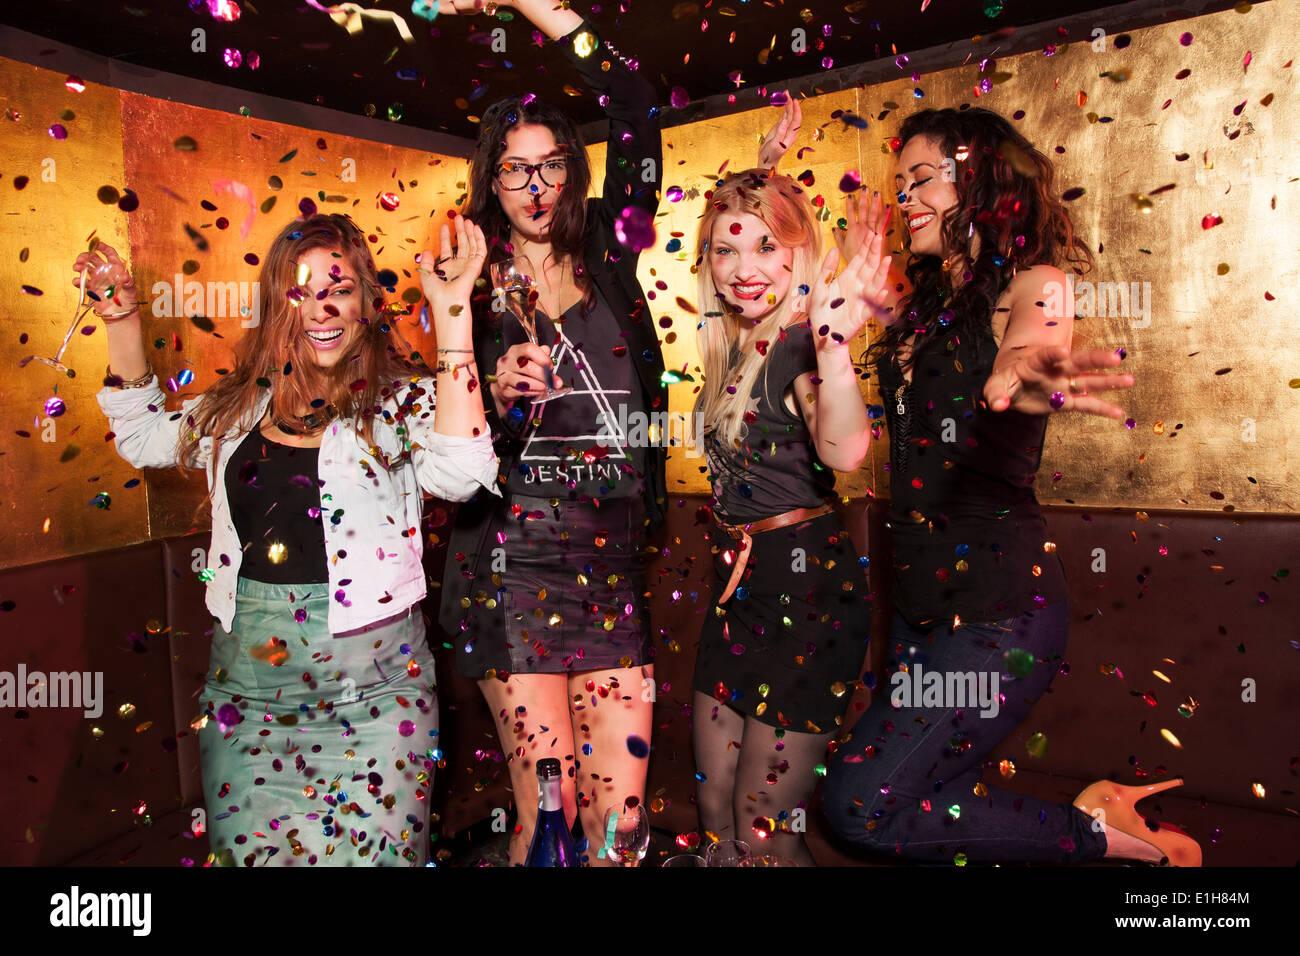 Cuatro amigas de fiesta en una discoteca Imagen De Stock